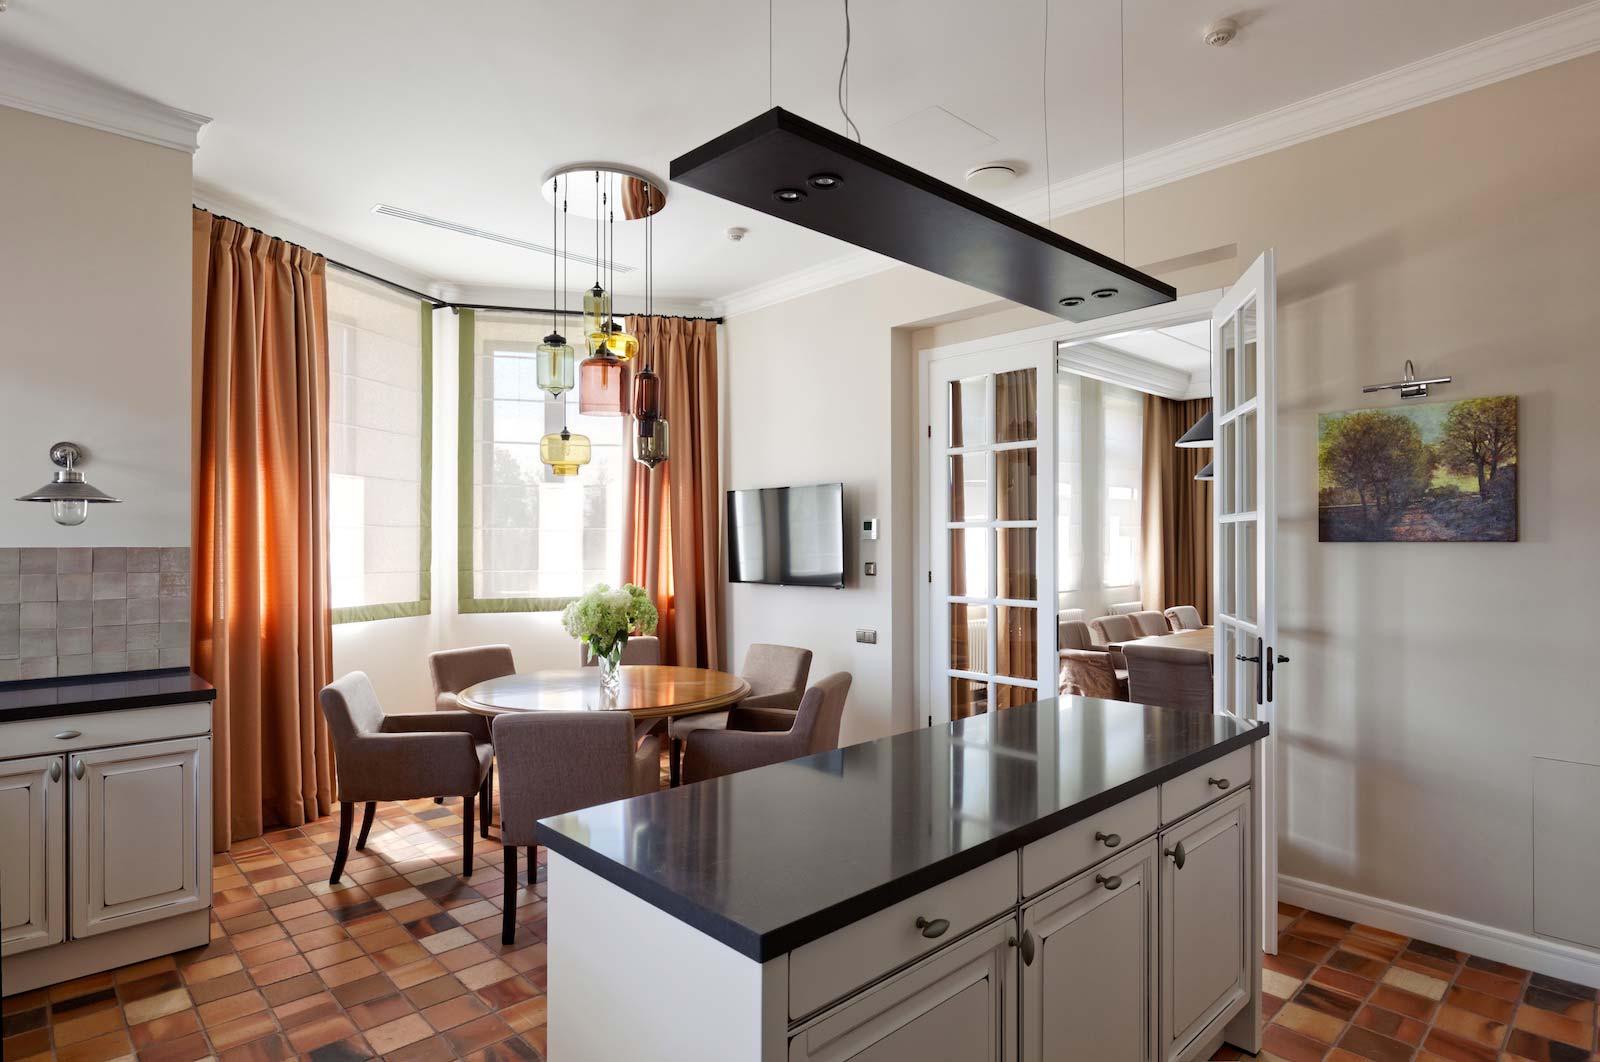 Porte in stile inglese per una casa new classic garofoli for Interni case inglesi